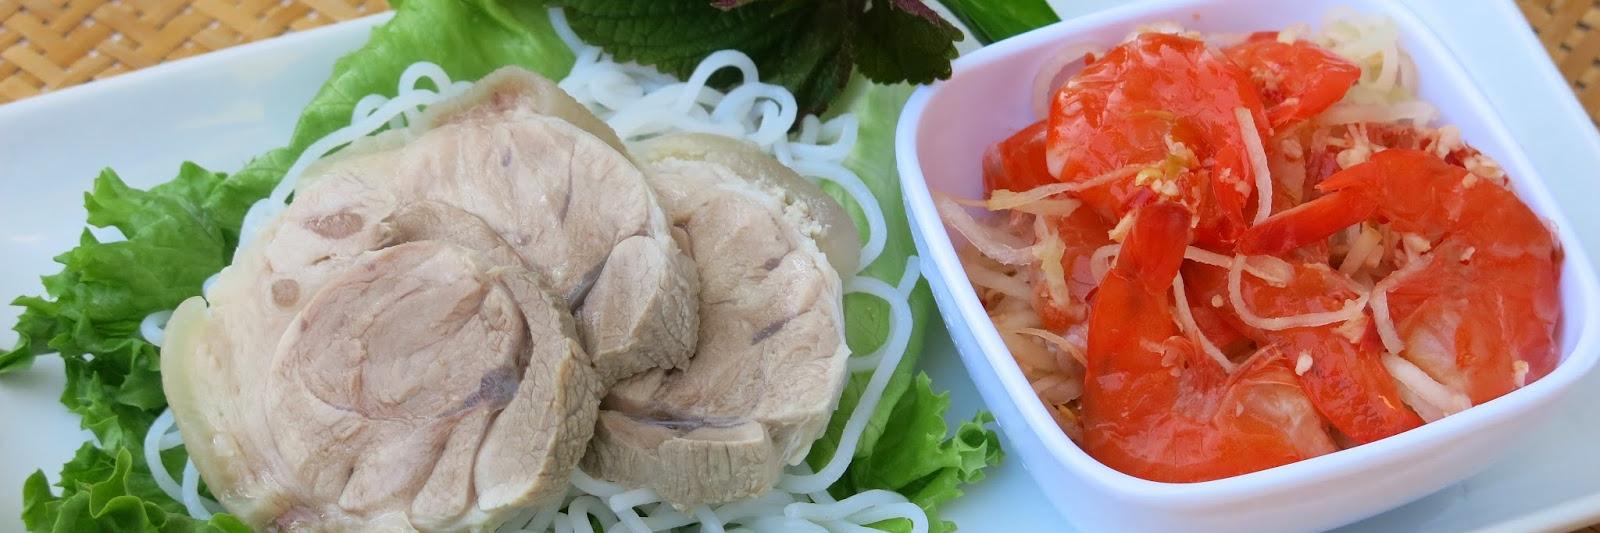 https://gody.vn/blog/lethuy3225/post/bo-tui-6-mon-ngon-tu-hai-san-lam-nen-thuong-hieu-noi-tieng-o-mien-trung-8390